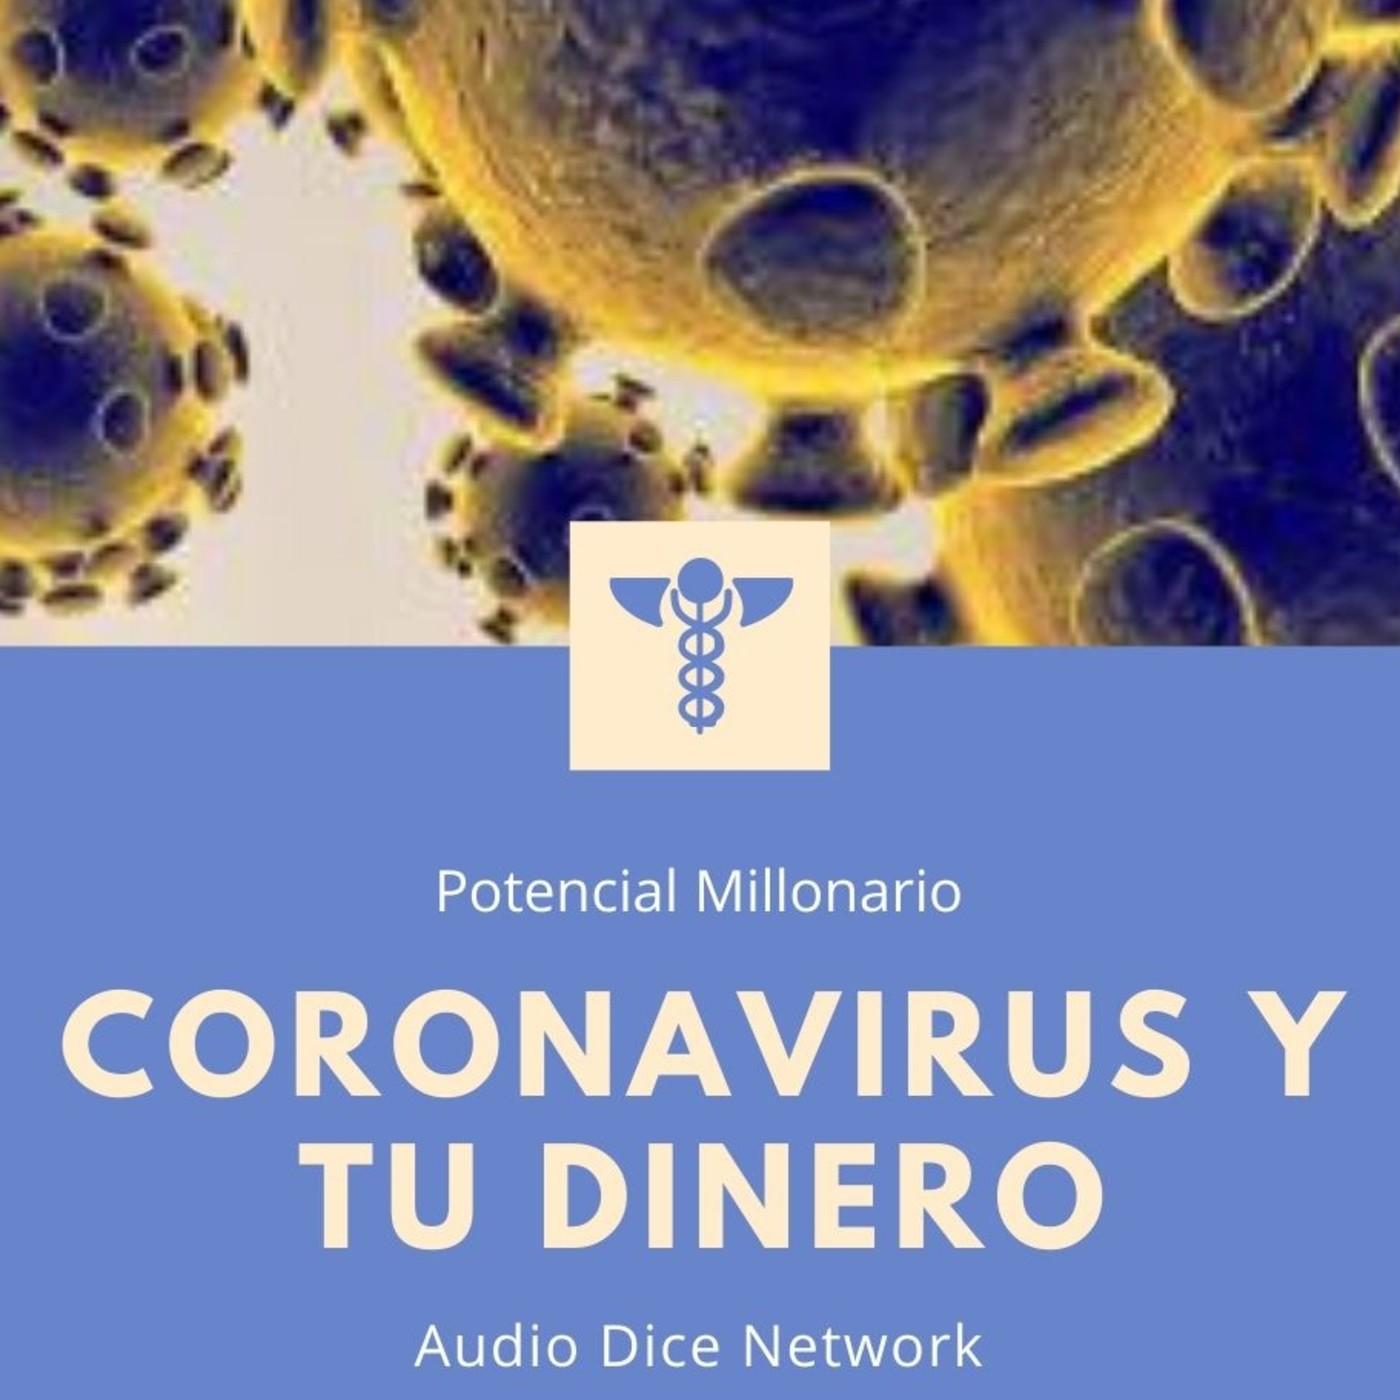 Coronavirus y tu dinero en Potencial Millonario con Felix A. Montelara